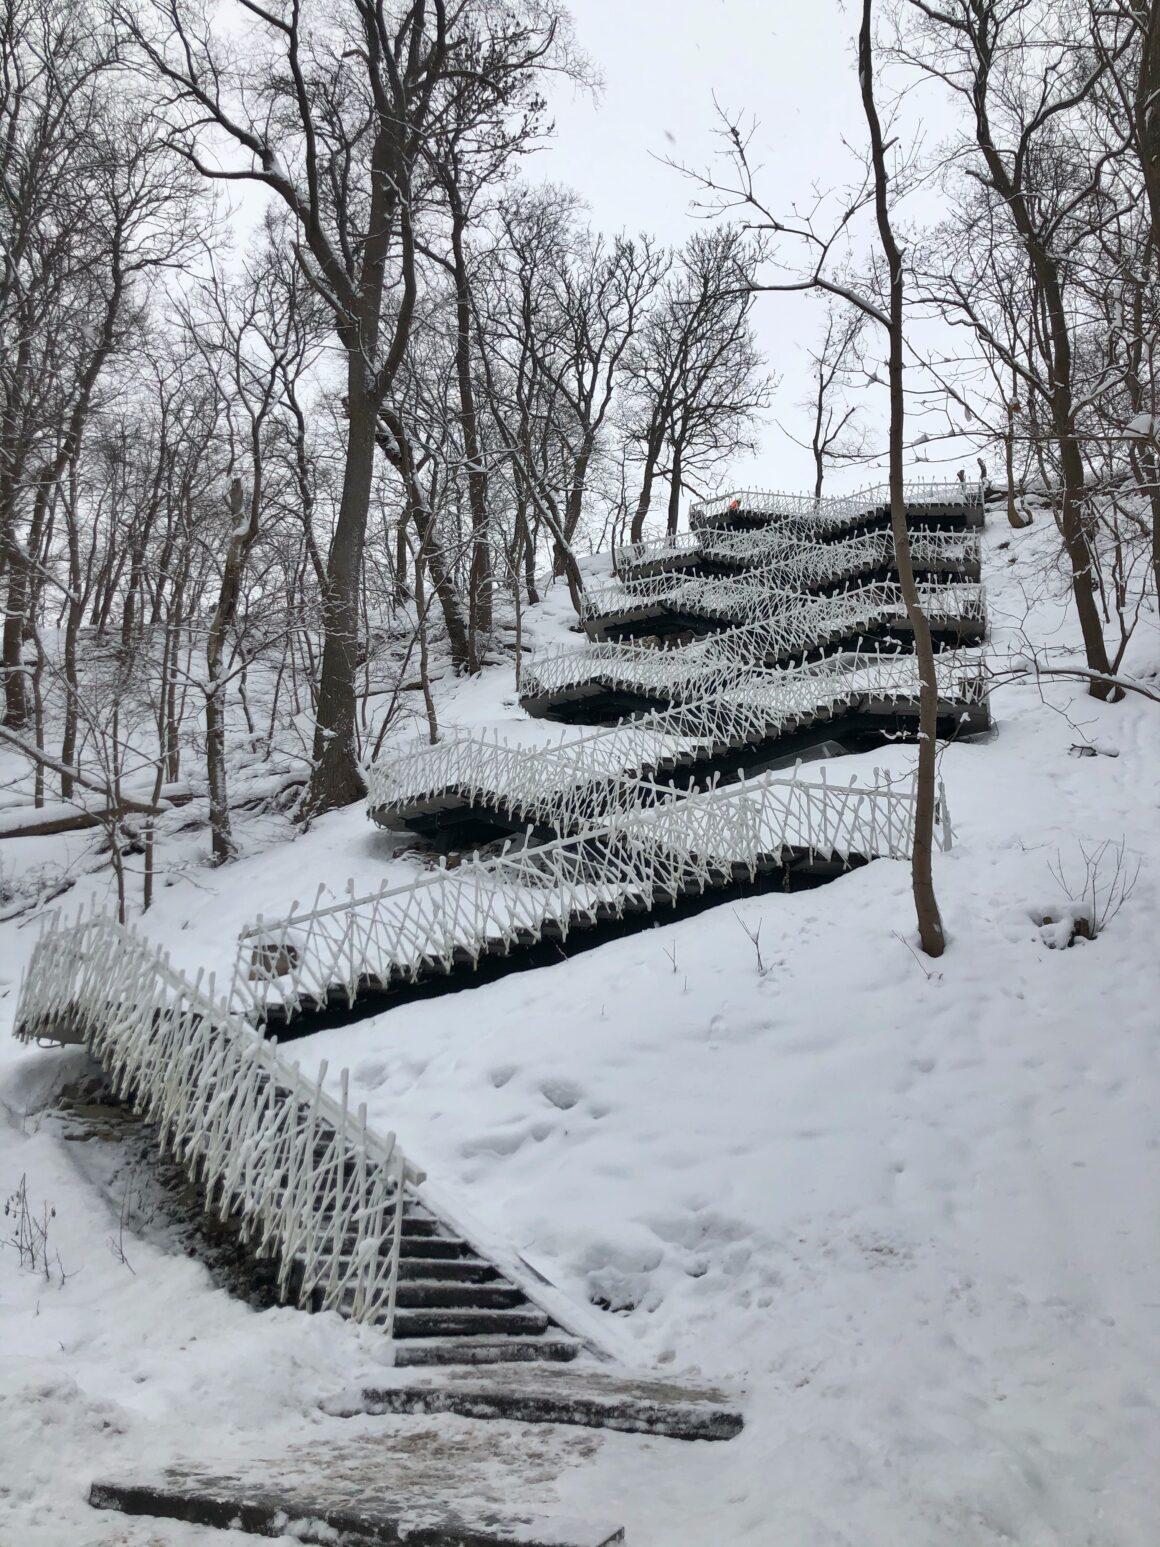 Põhjakonnan portaat päivänvalossa